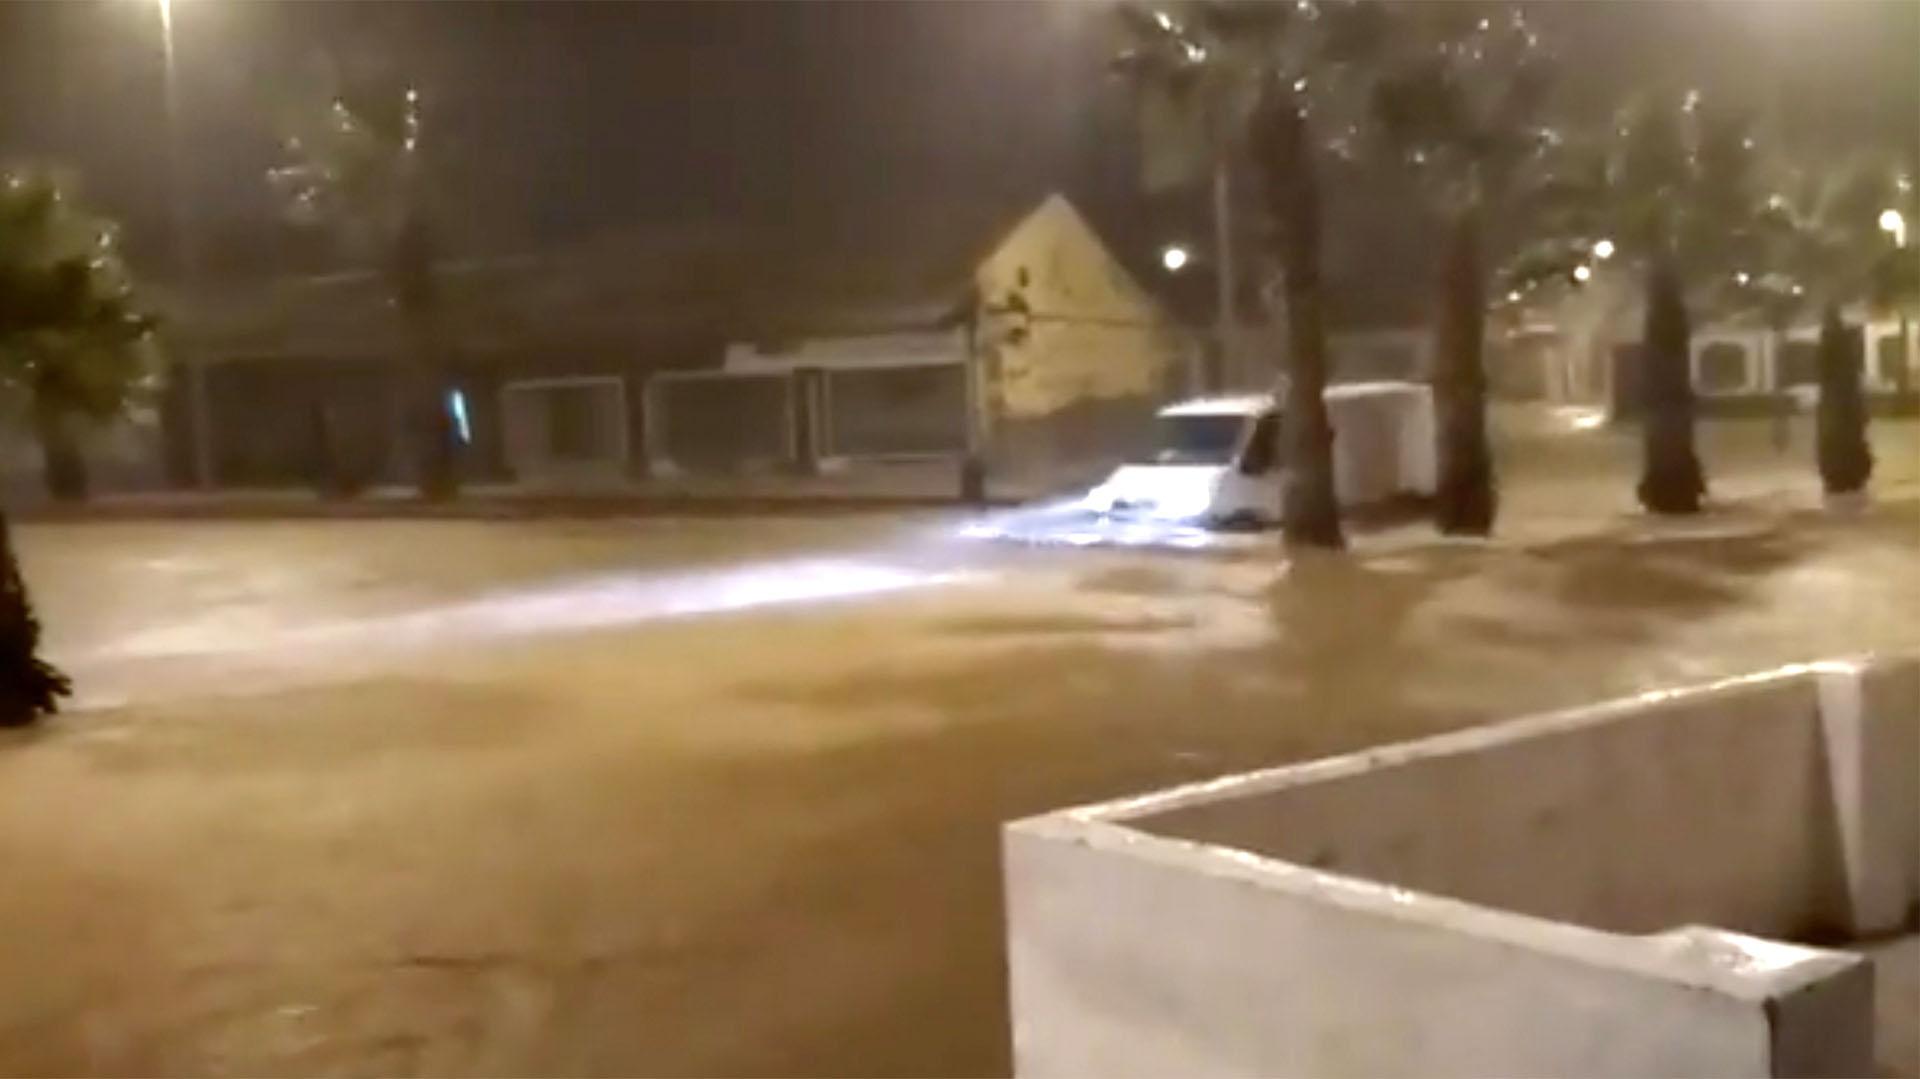 Un vehículo pasa por una calle inundada en El Algar, España, en esta imagen tomada de un video de redes sociales (LUCAS GARCIA via REUTERS)